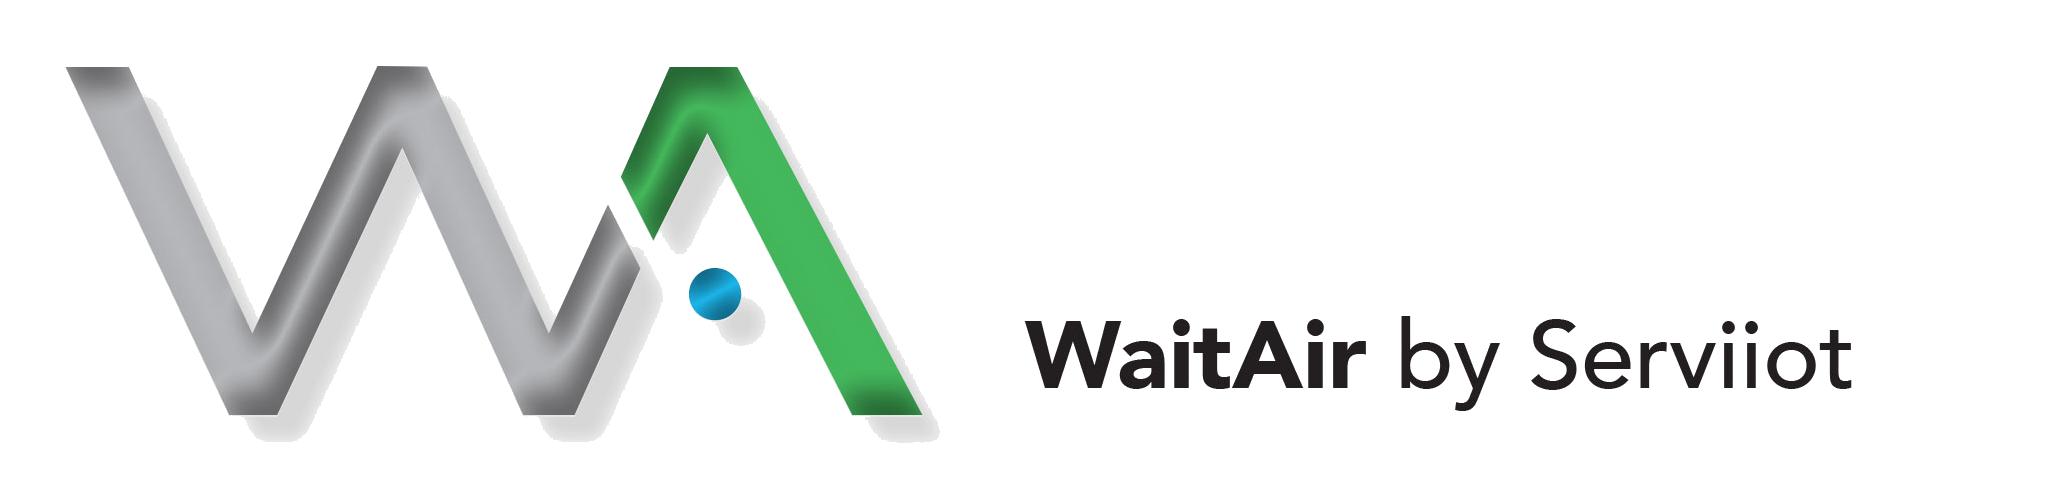 WaitAir by Serviiot